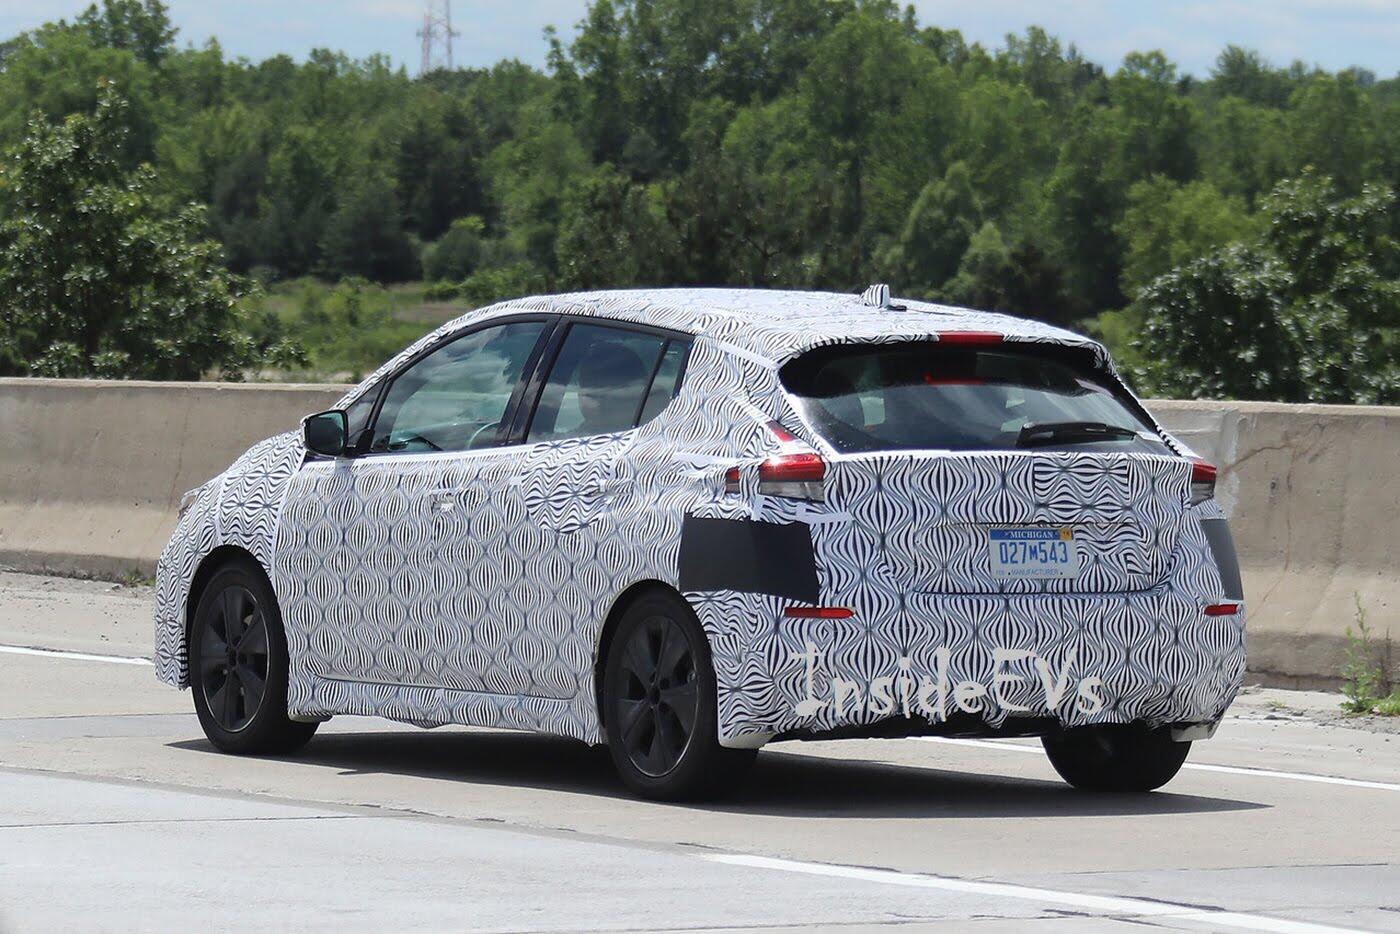 Lộ diện Nissan Leaf thế hệ mới với hệ thống tự lái - Hình 2